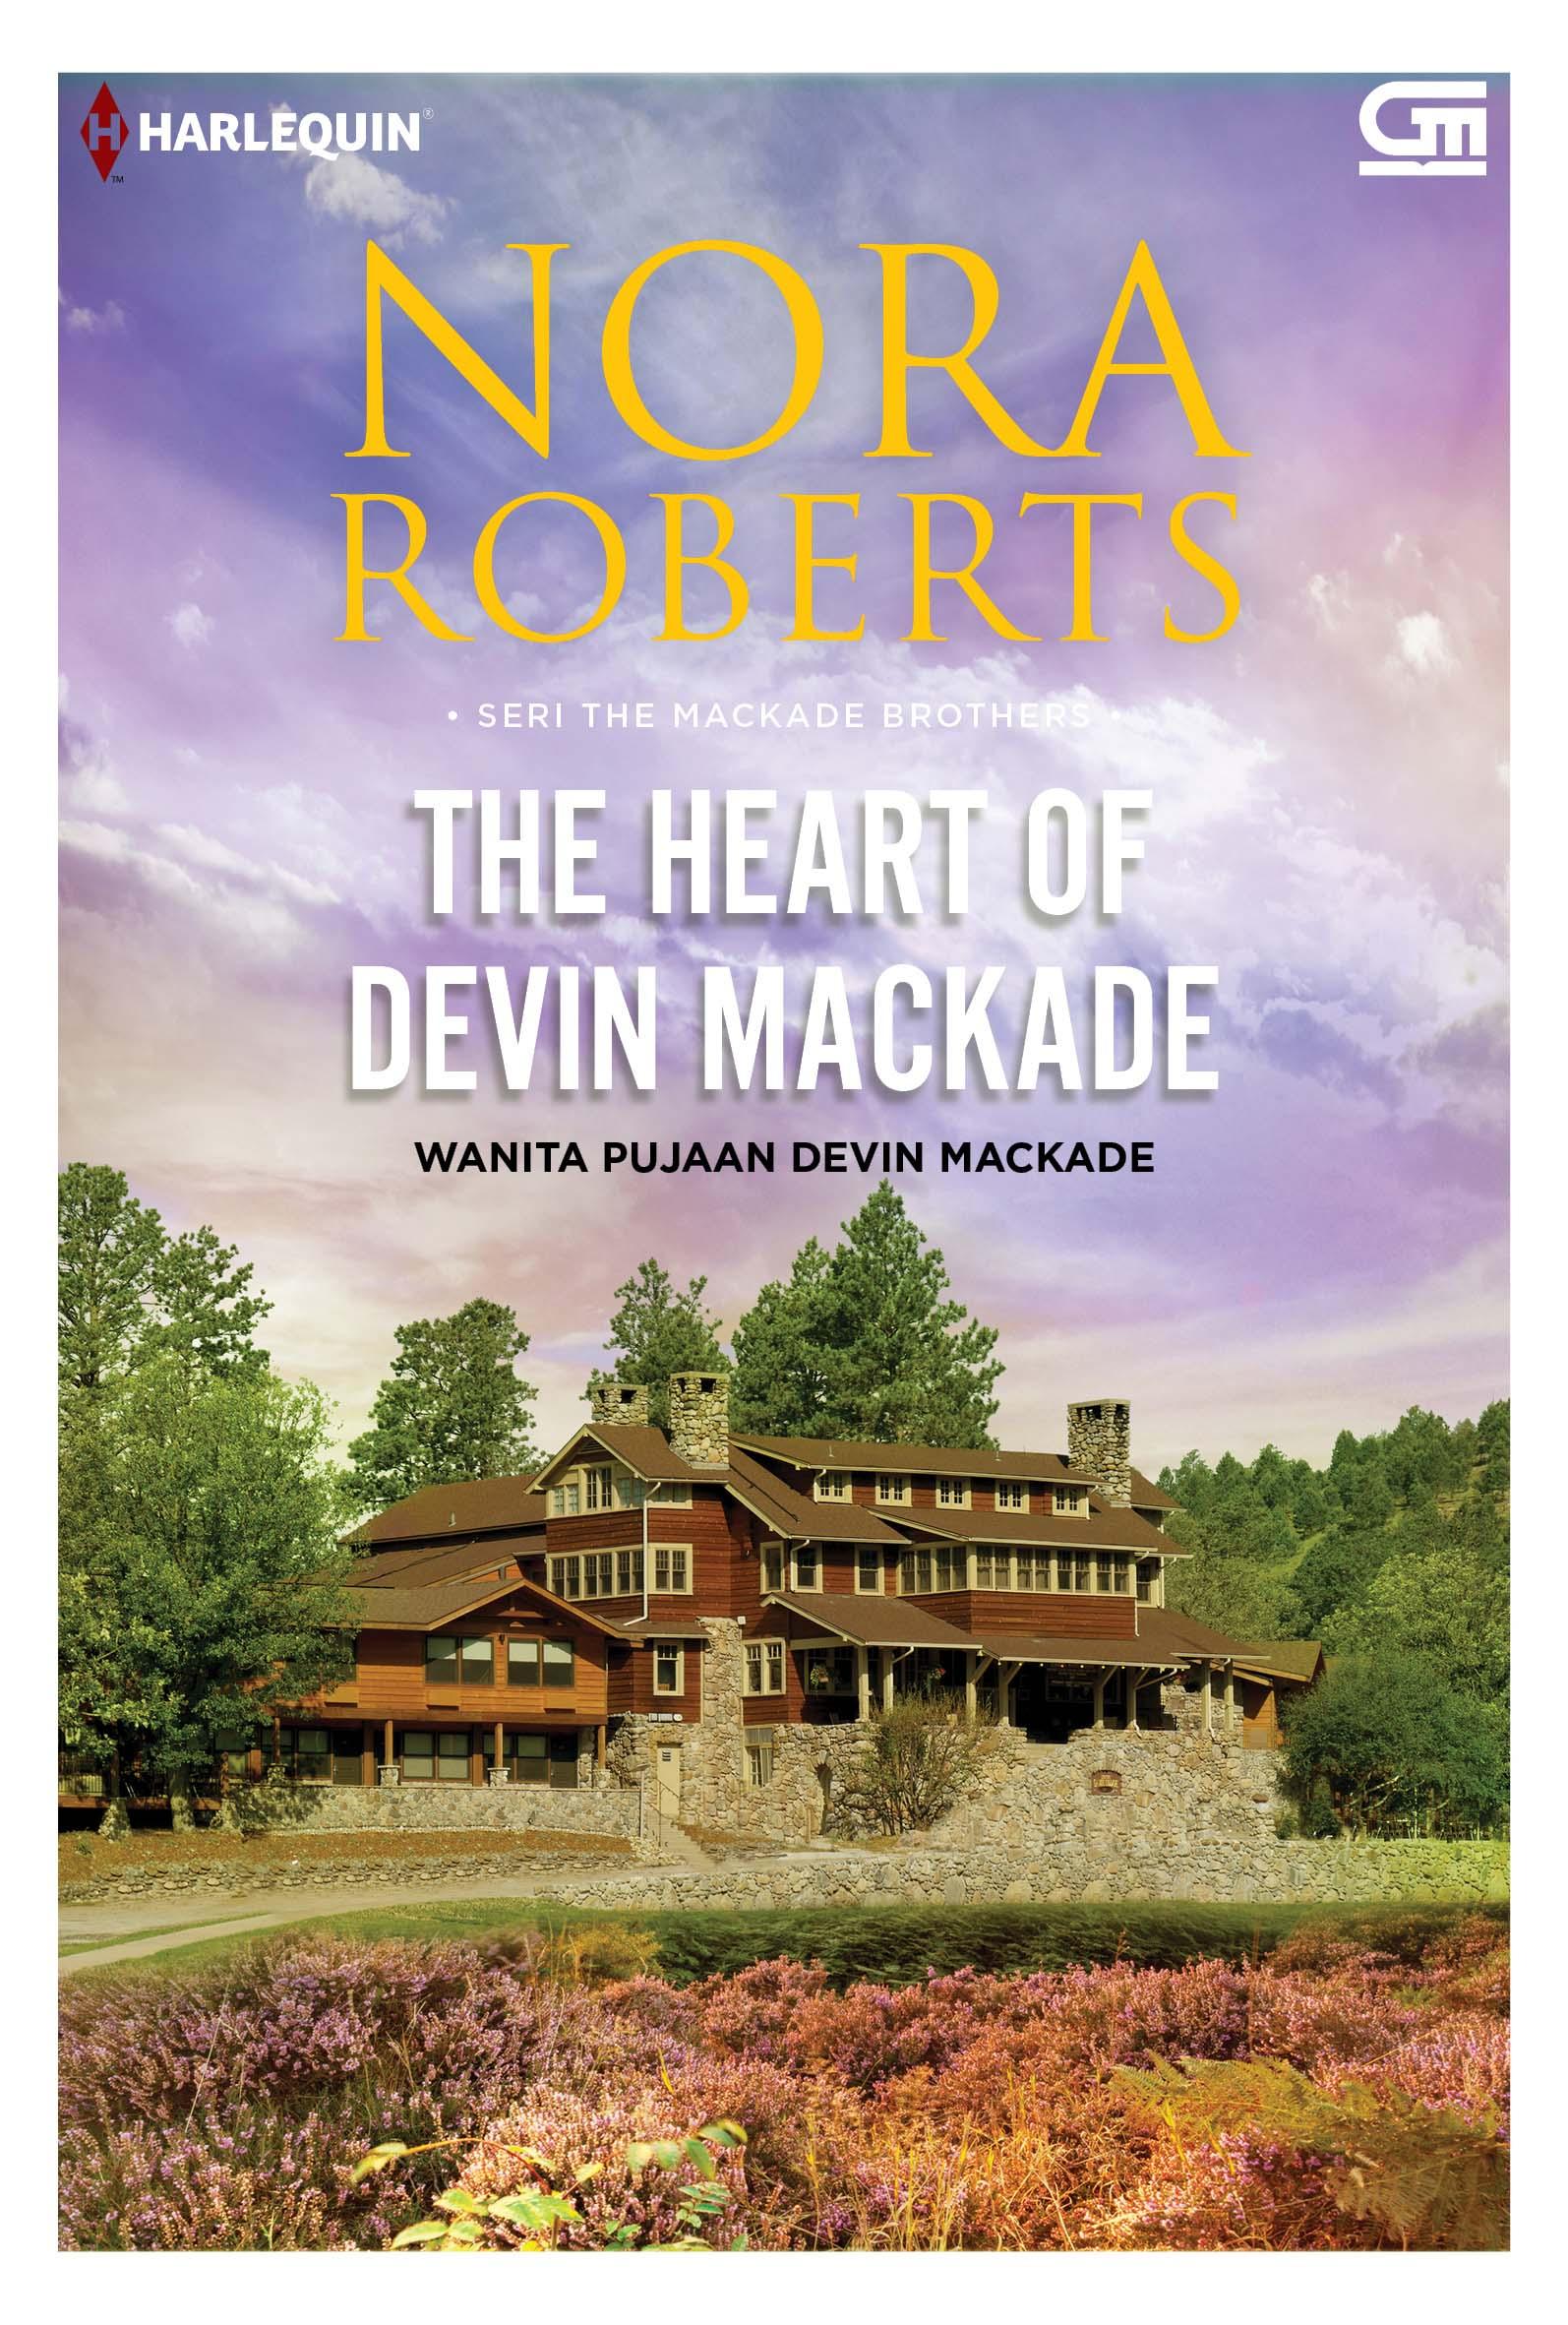 Harlequin: Wanita Pujaan Devin MacKade (The Heart of Devin MacKade)